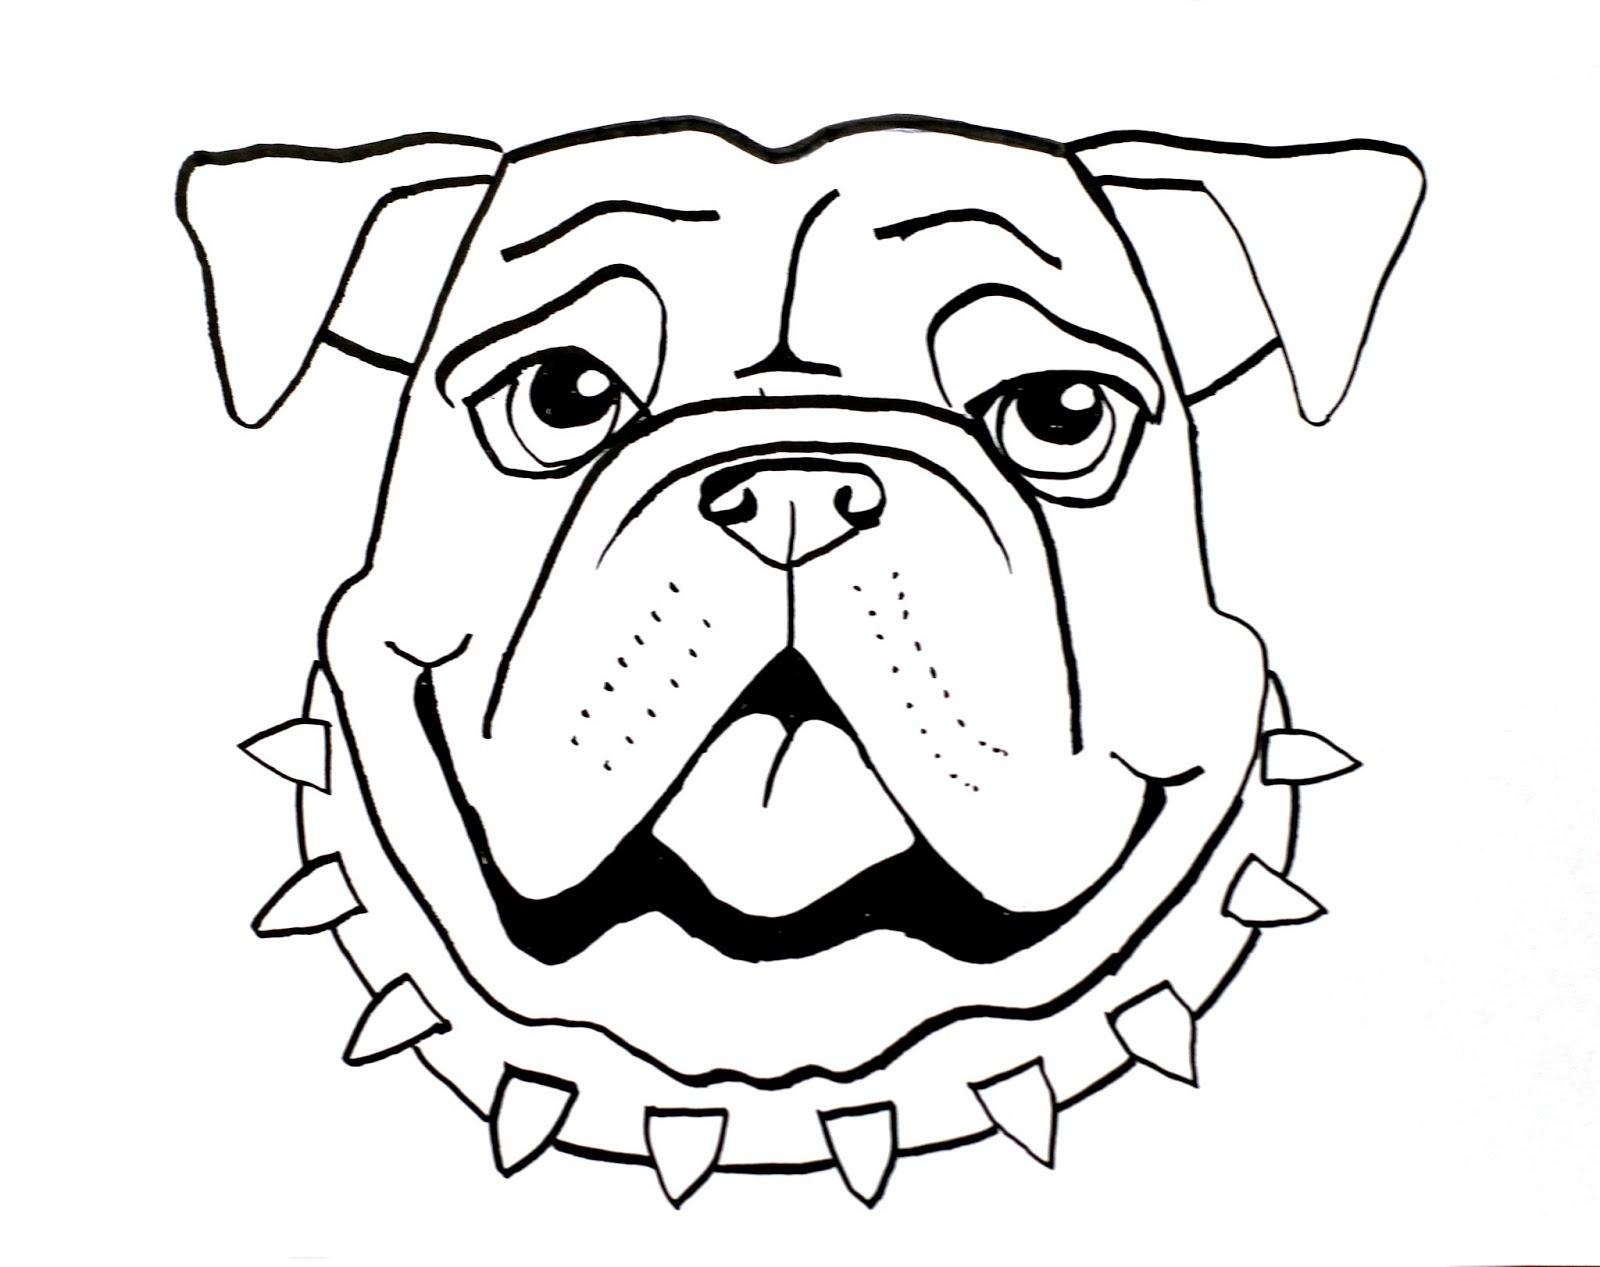 Bulldog Face Sketch Templates